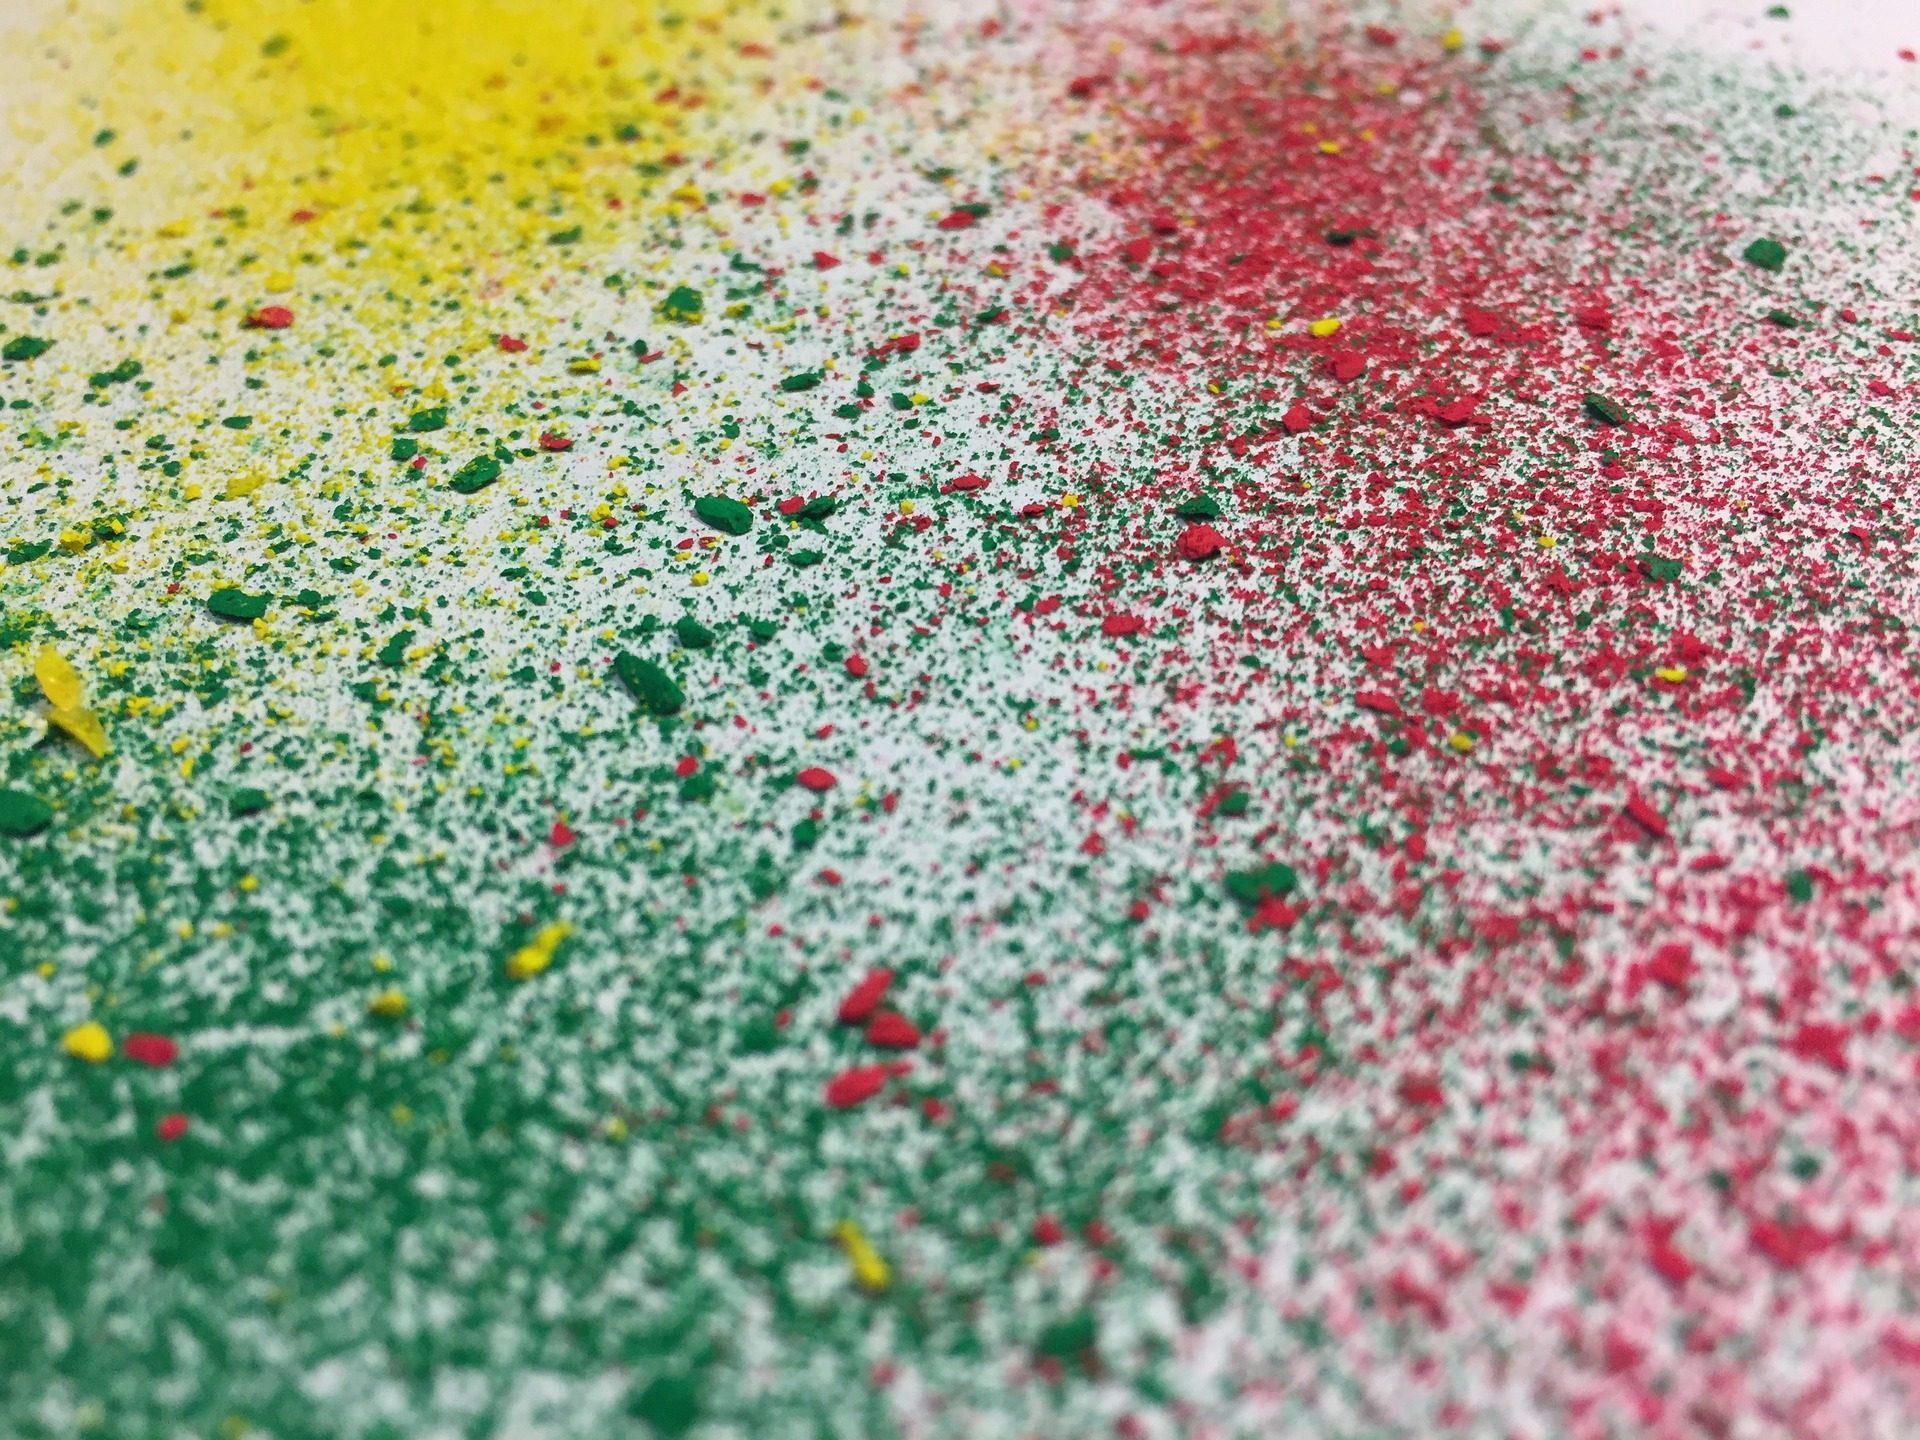 颜色, puntas, 蜡, 碎片, 芯片, 多彩 - 高清壁纸 - 教授-falken.com